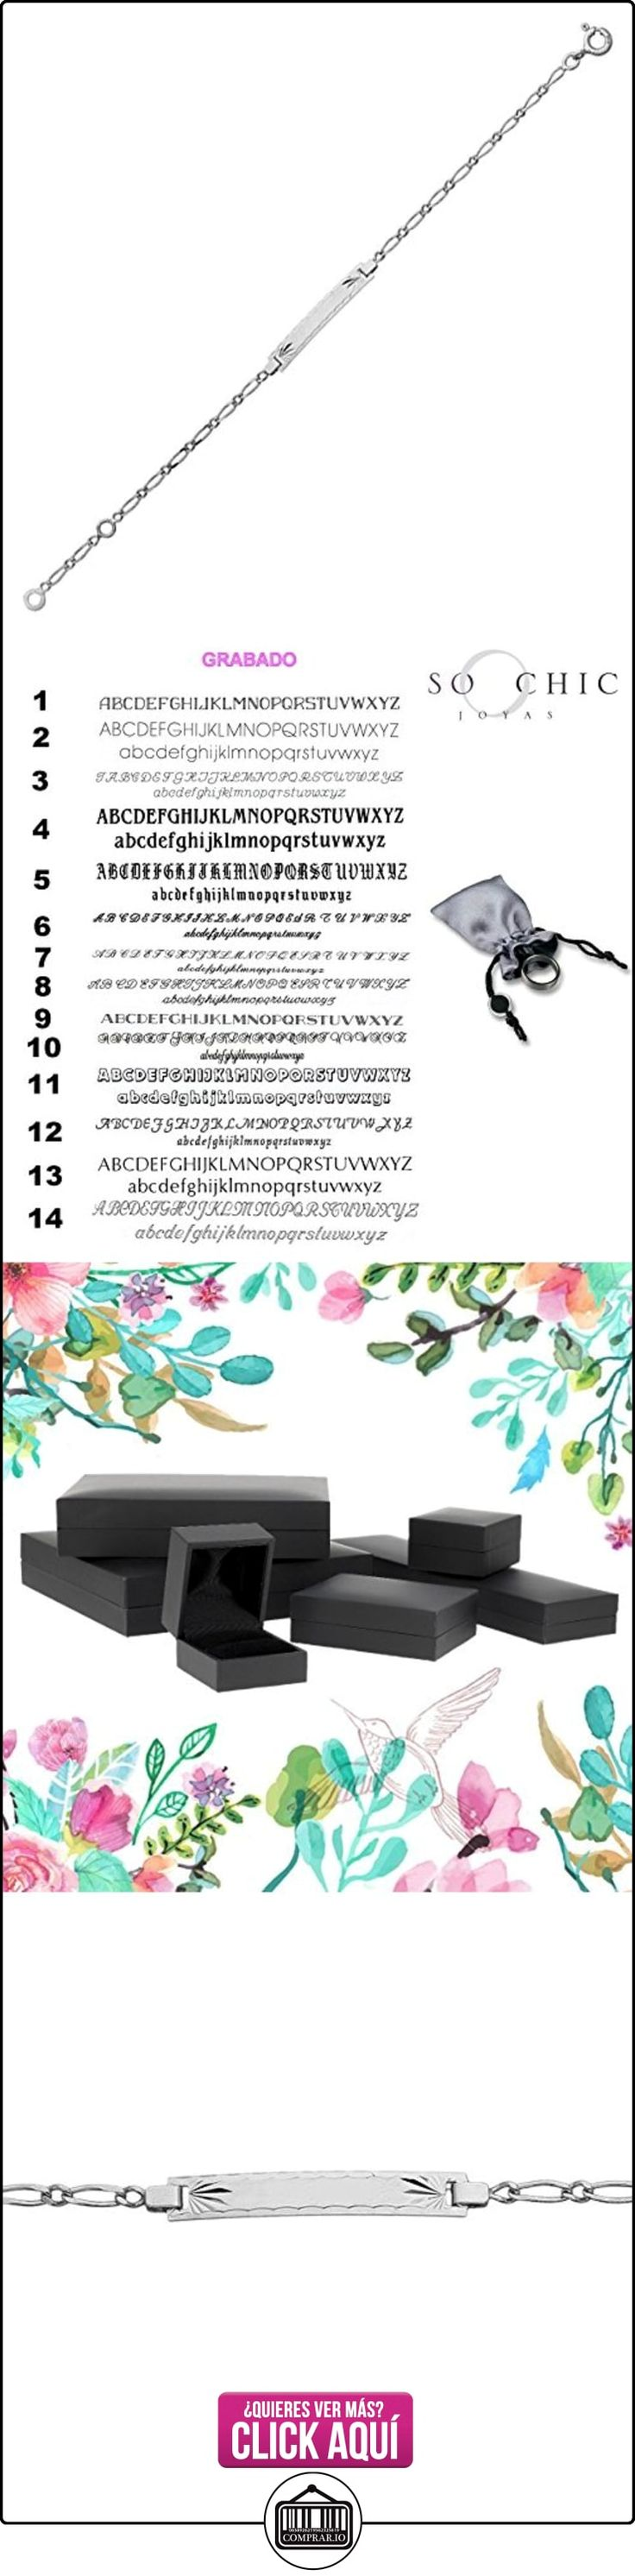 So Chic Joyas - Pulsera de Identidad Niños 14 cm - Oro Blanco 375/000 (9 Kilates) 1,55gr - Placa Rectángulo Malla Gourmette Caballo Alternada 1.1 - Personalizado : Grabado gratis  ✿ Joyas para niñas - Regalos ✿ ▬► Ver oferta: http://comprar.io/goto/B00K0G4MU8